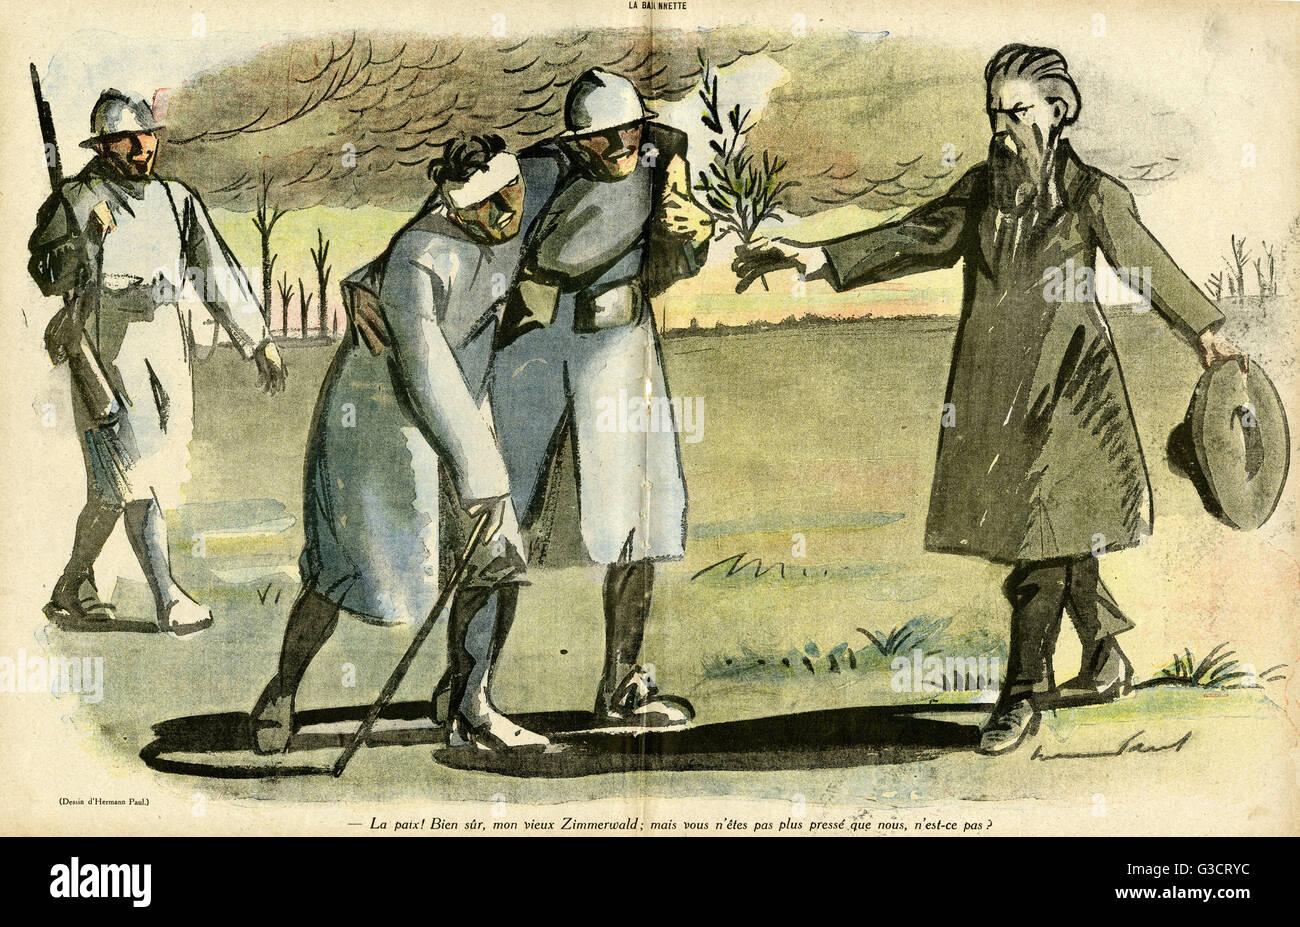 Cartoni animati di Zimmerwald pacifismo. Un uomo che rappresenta la Zimmerwald movimento per la pace offre un ramo Immagini Stock